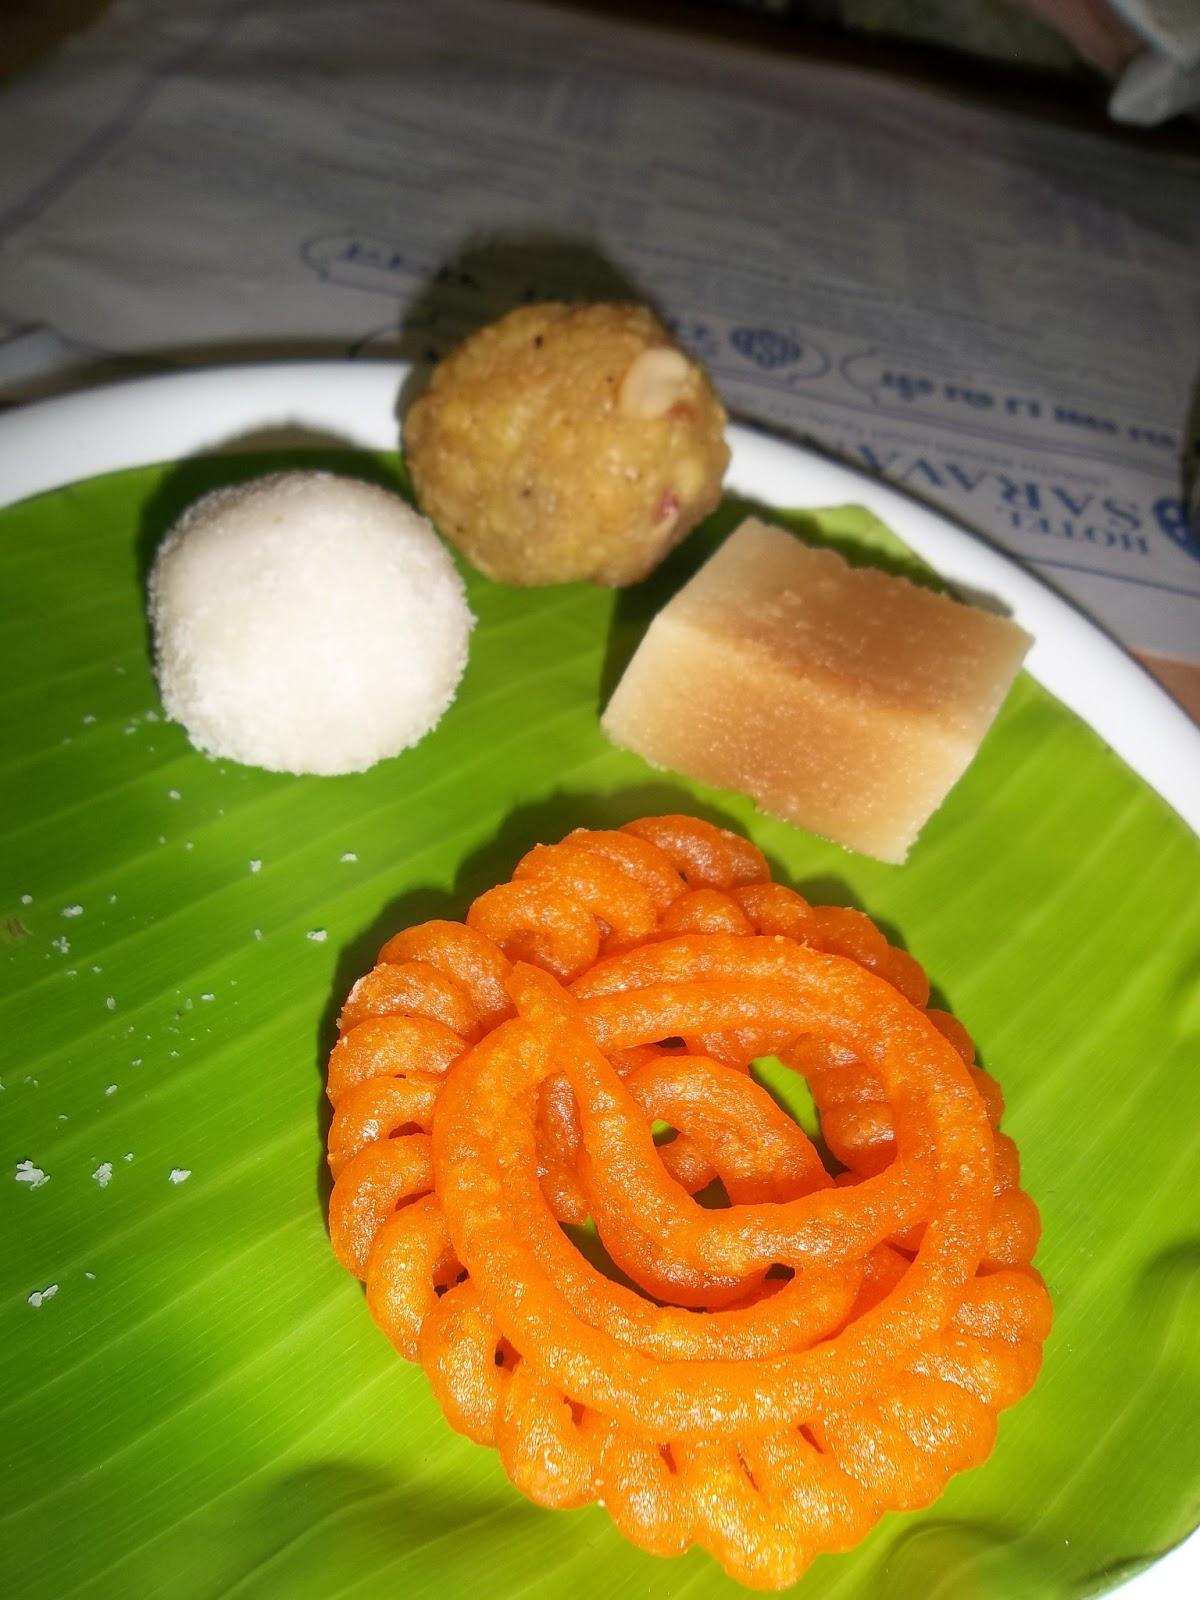 Ce sont des sucreries indiennes, à base de confiture de lait, de sirop, de  fruits secs (pistaches, amandes, noix diverses). Une petite ressemblance  avec les